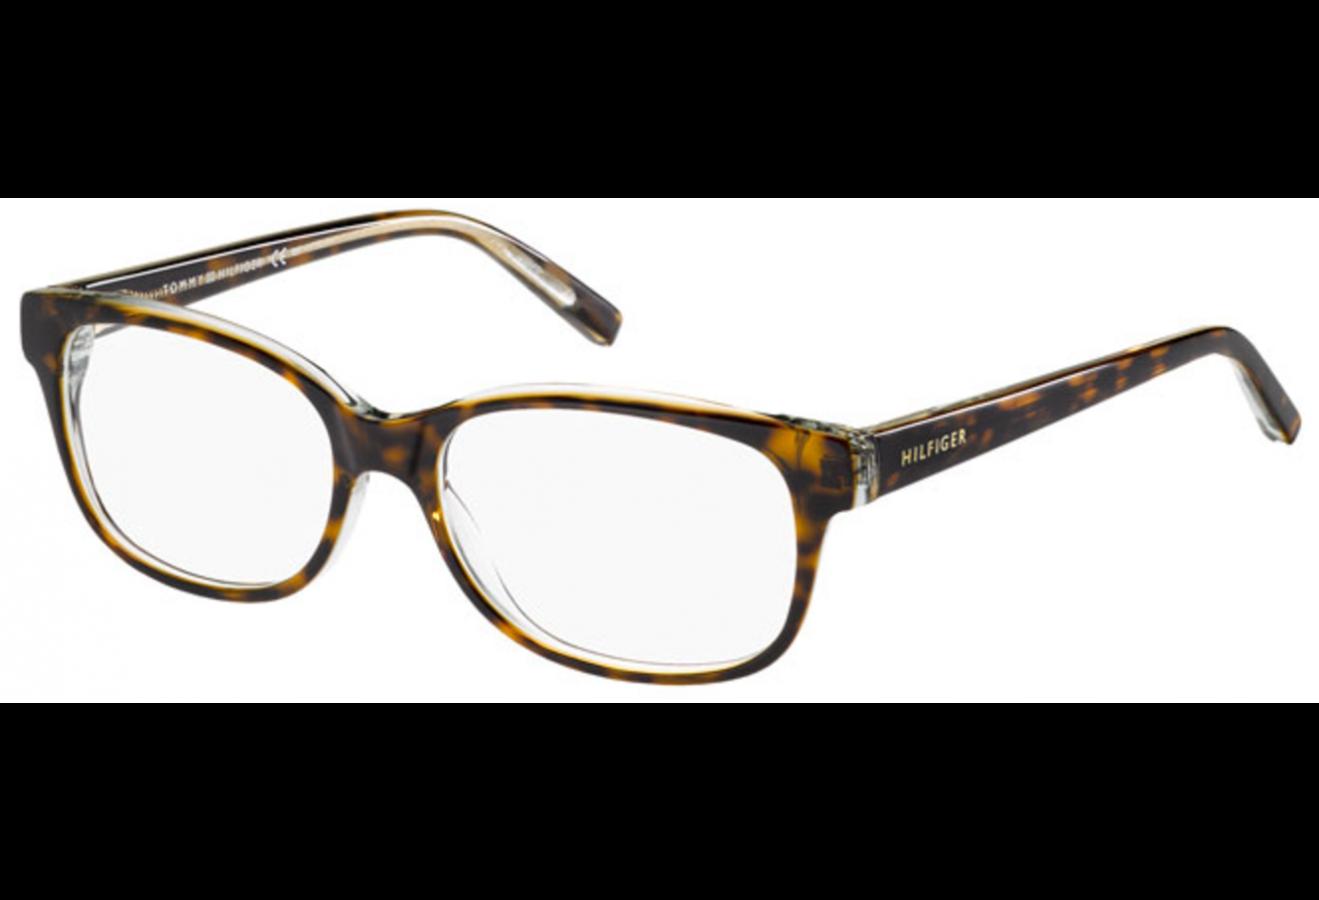 essayage virtuel de lunettes de vue Essayez toutes nos paires de lunettes en ligne pour vous aider à faire votre choix lunettes de vue femme femme essayage virtuel.